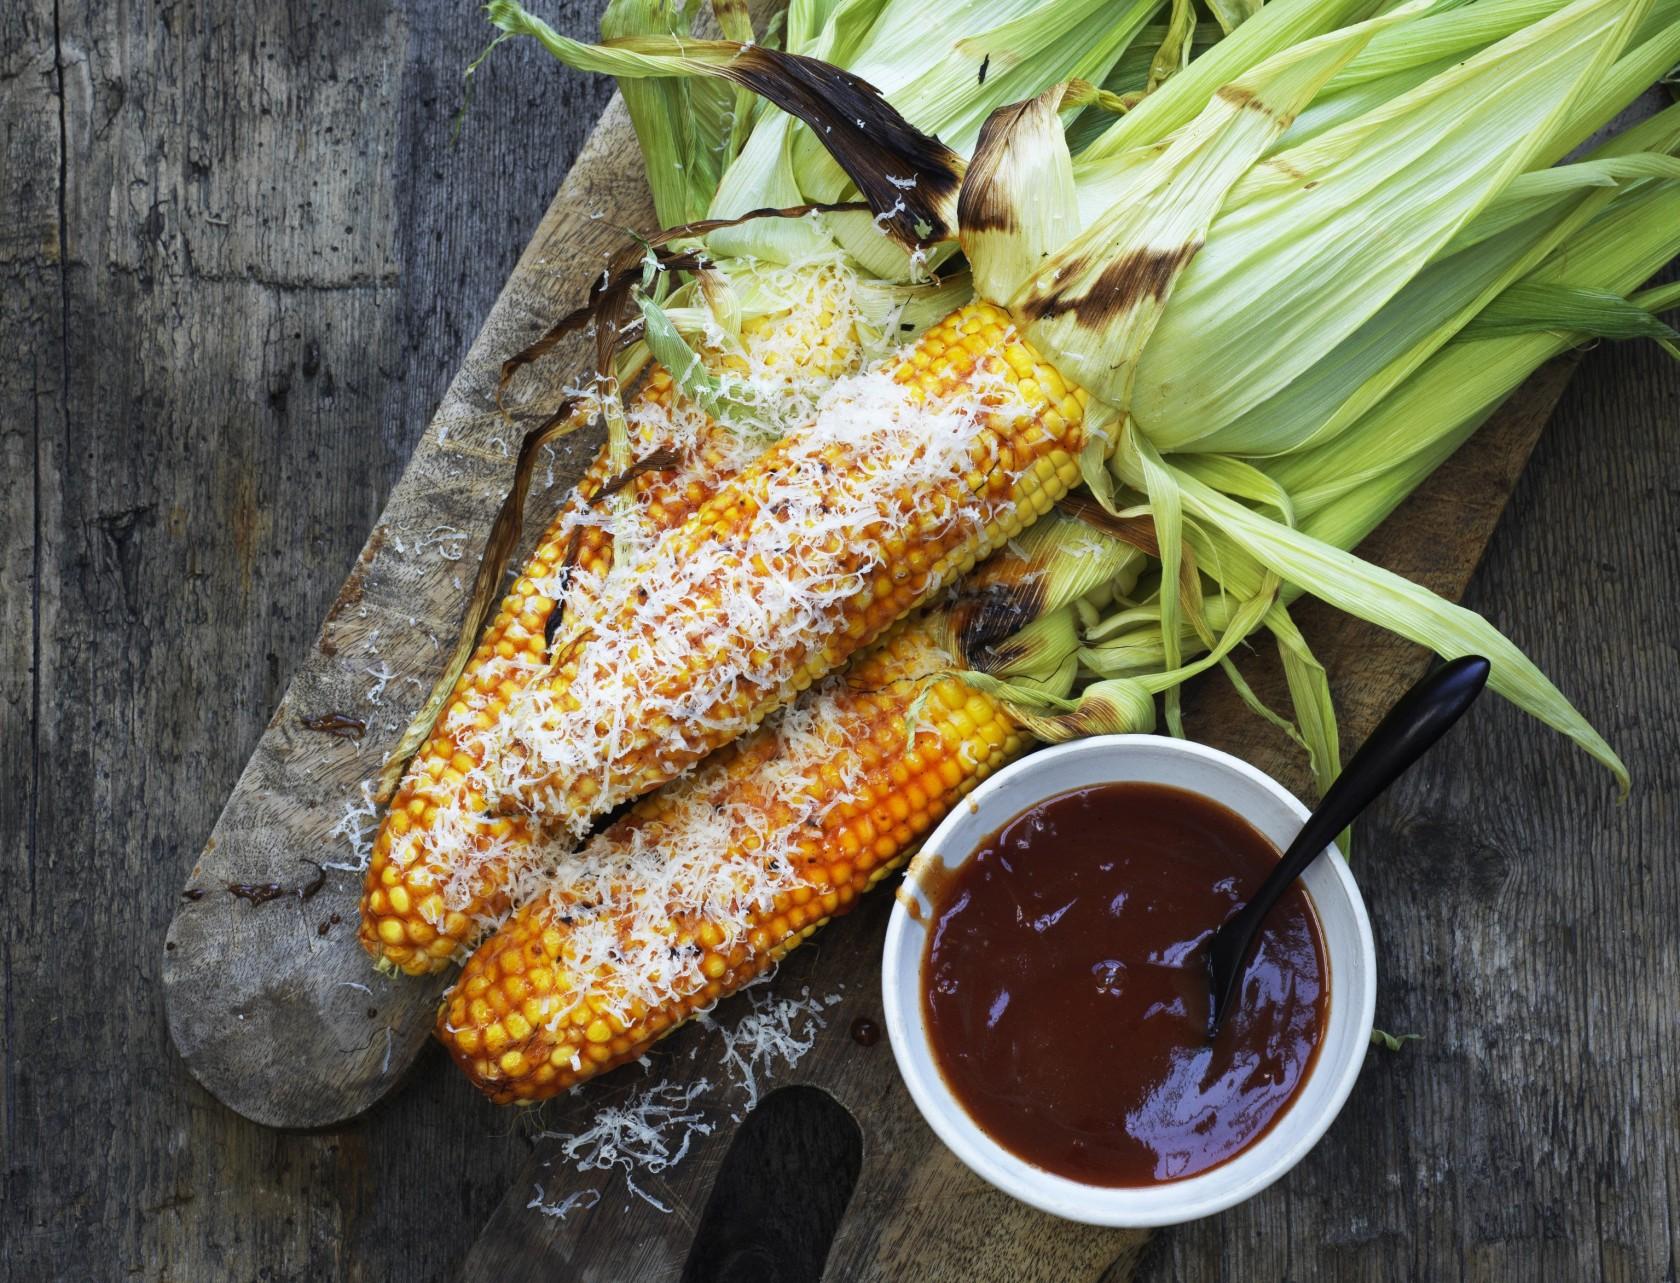 Grillede majs - det perfekte tilbehør